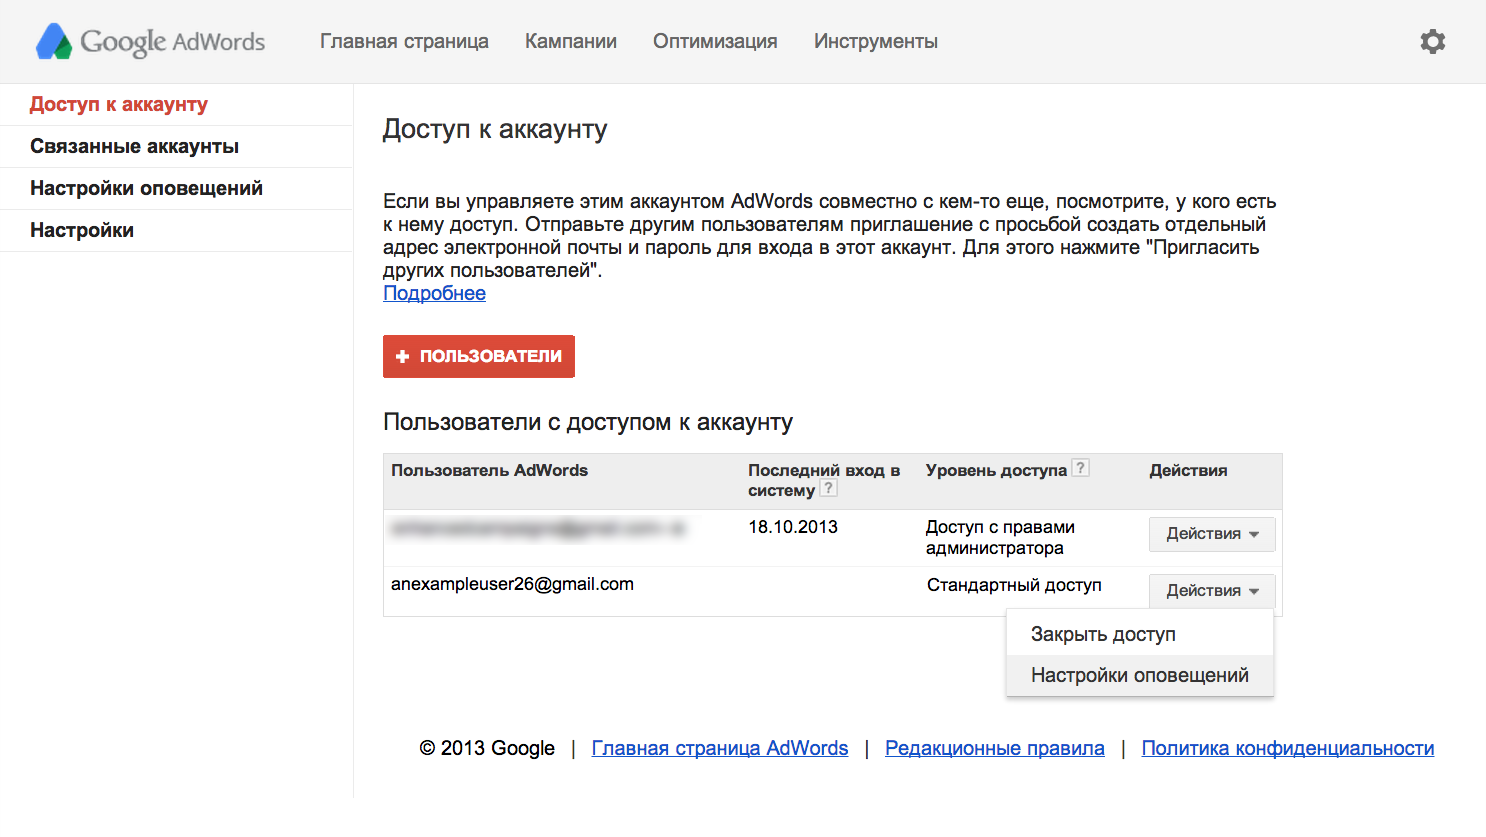 Как удалить свой адрес Gmail - Cправка - Аккаунты Google